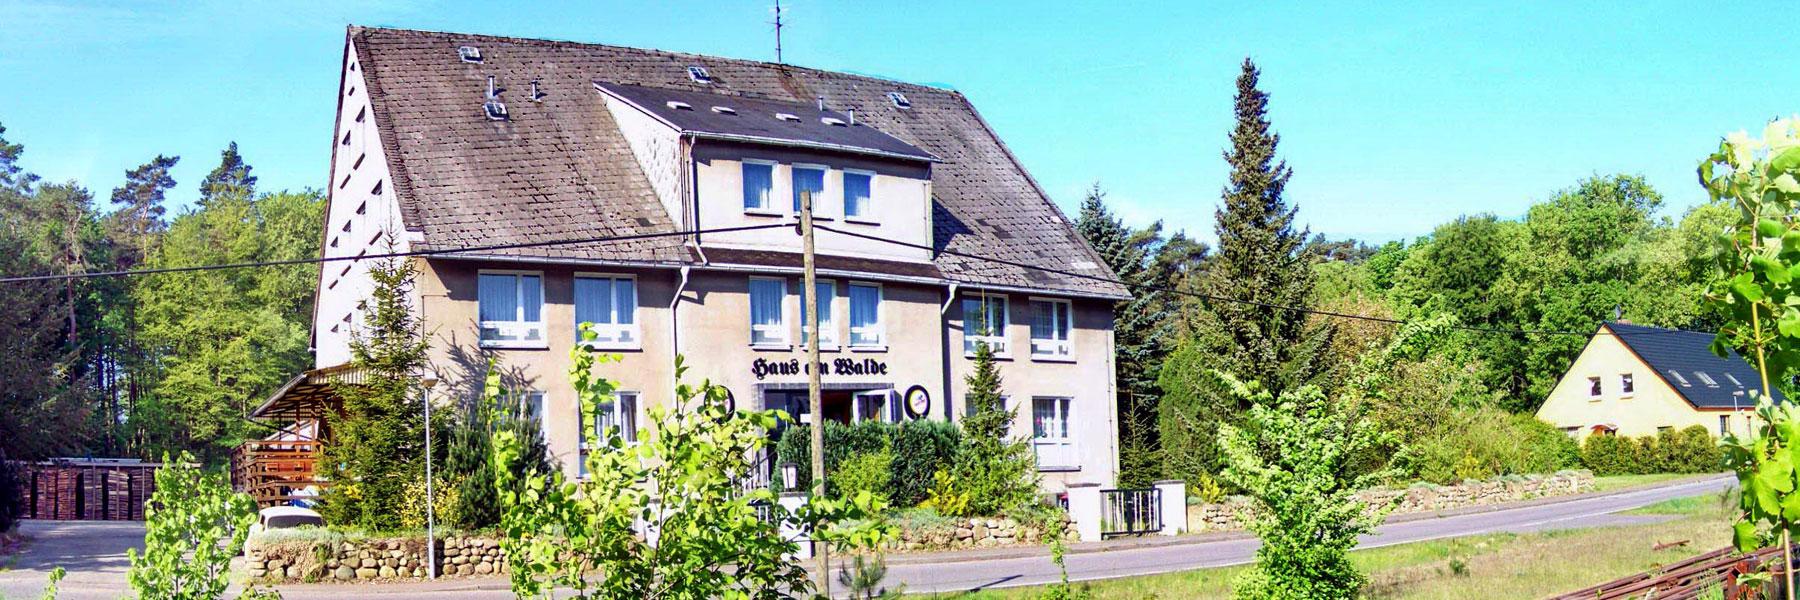 """Außenansicht - Gruppenhaus """"Haus am Walde"""""""